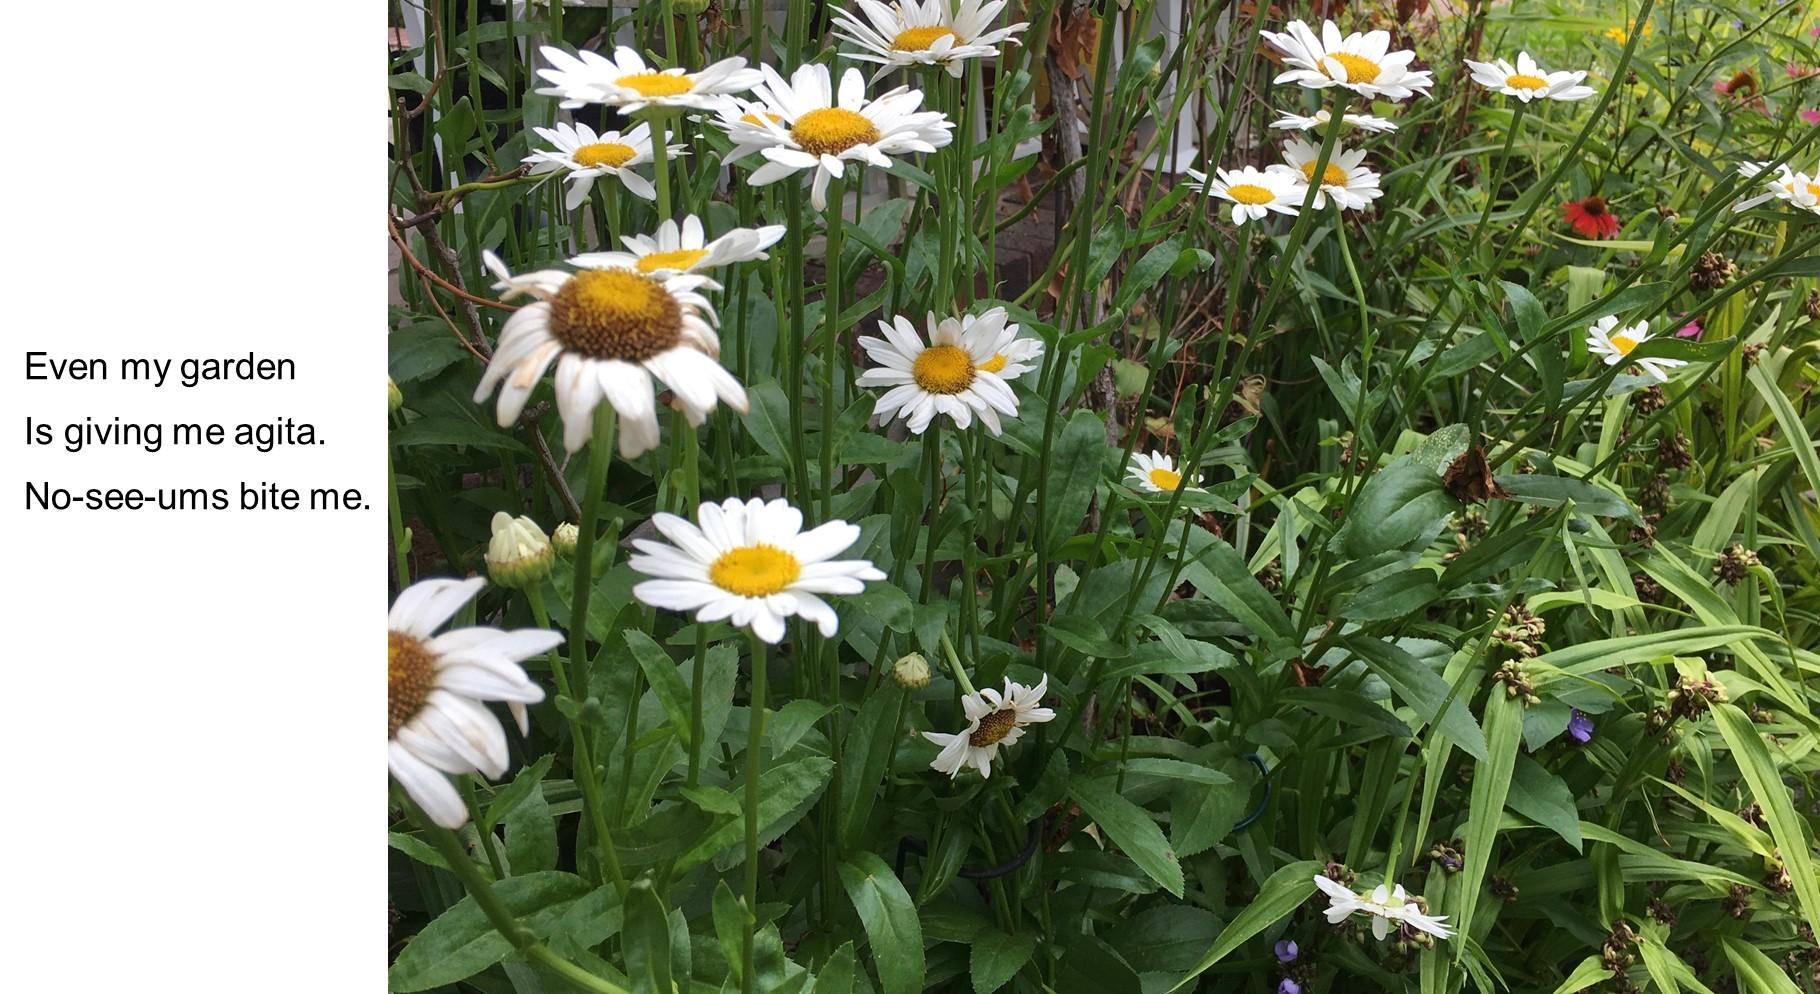 daisies haiku